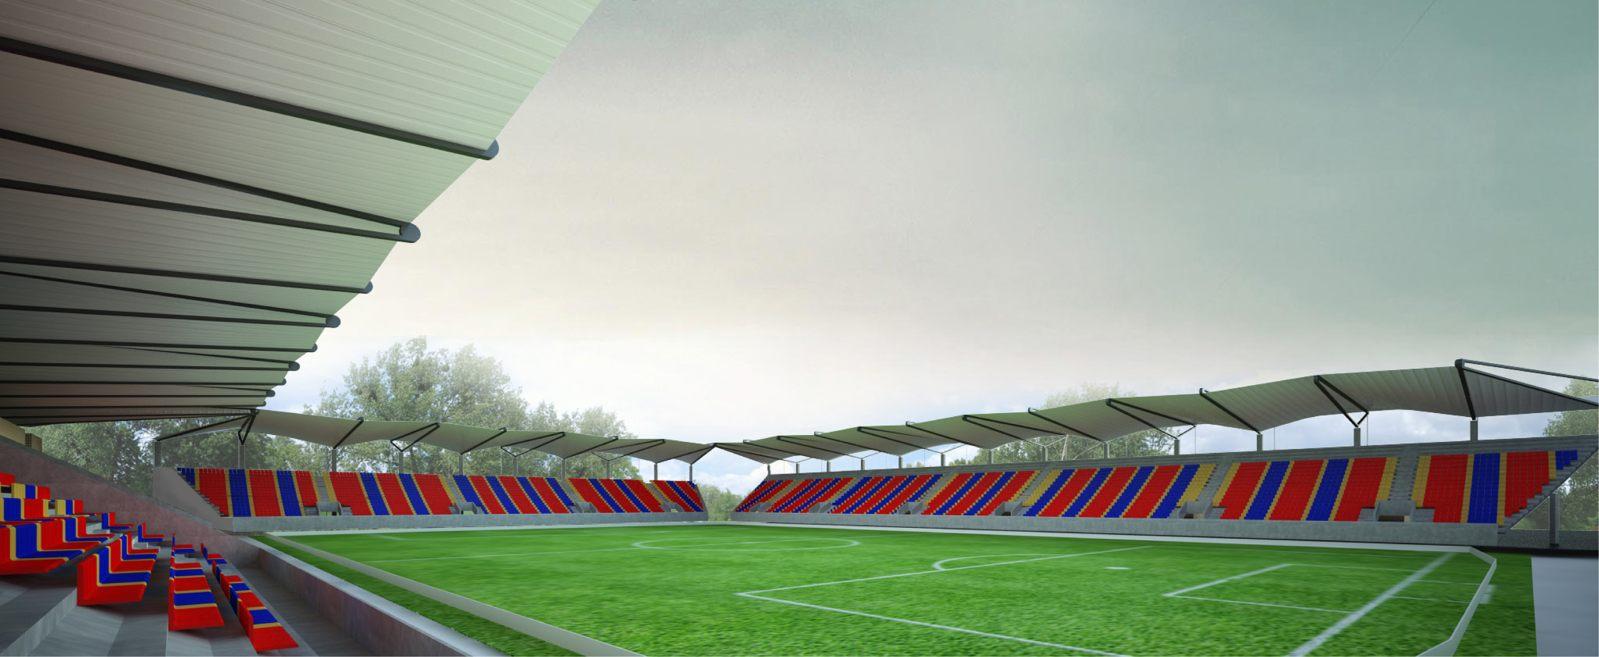 Stadion Edwarda Szymkowiaka w Bytomiu